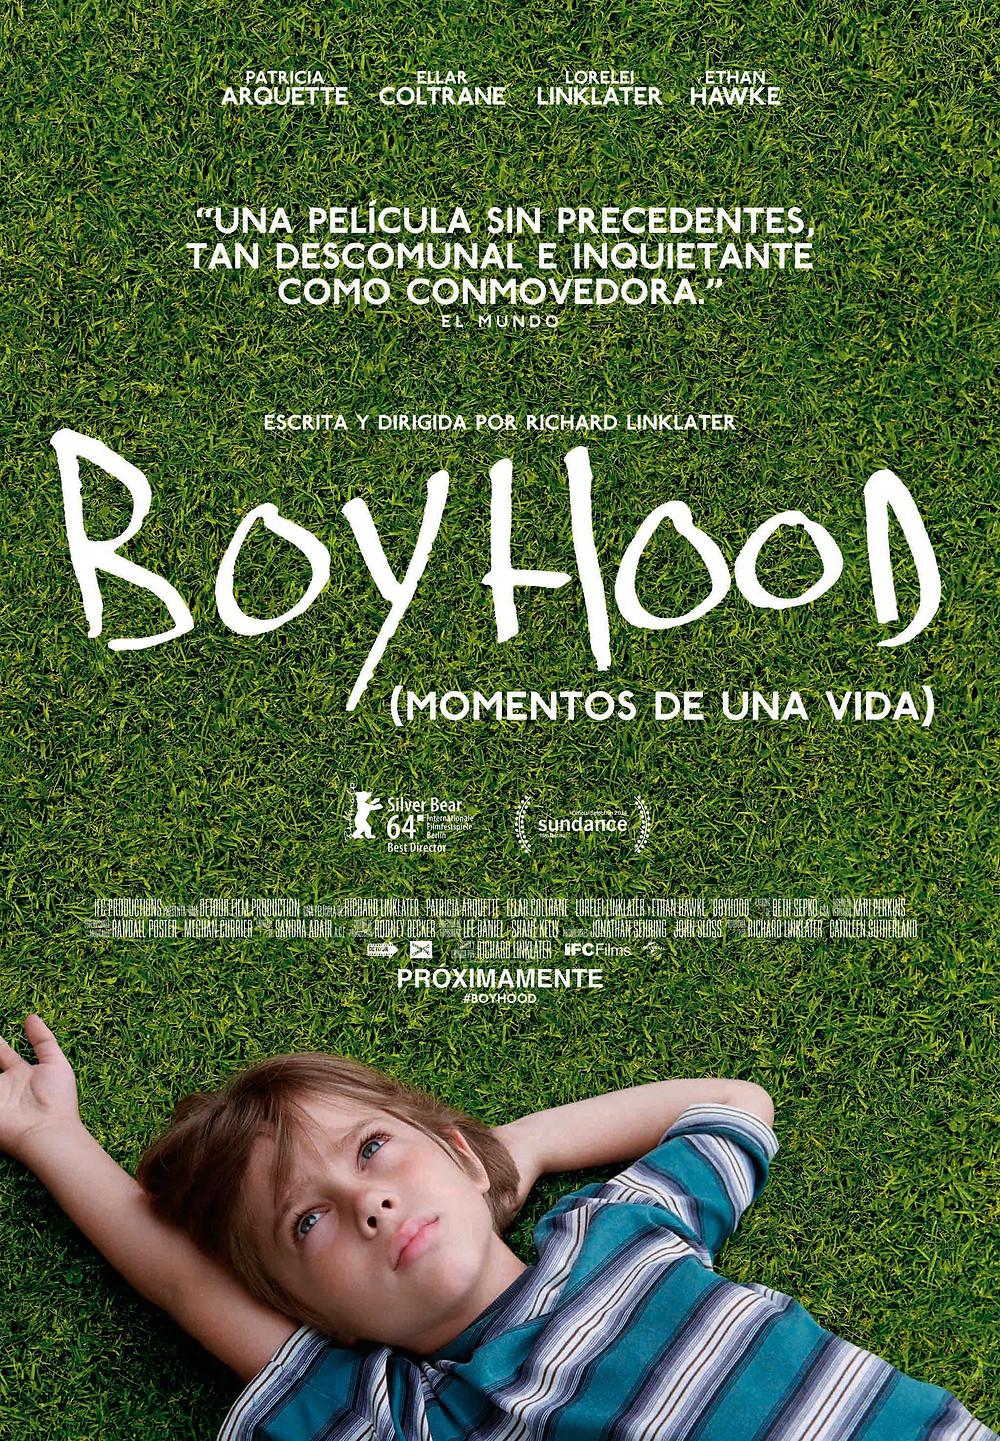 Boyhood-Momentos-de-una-vida.jpg